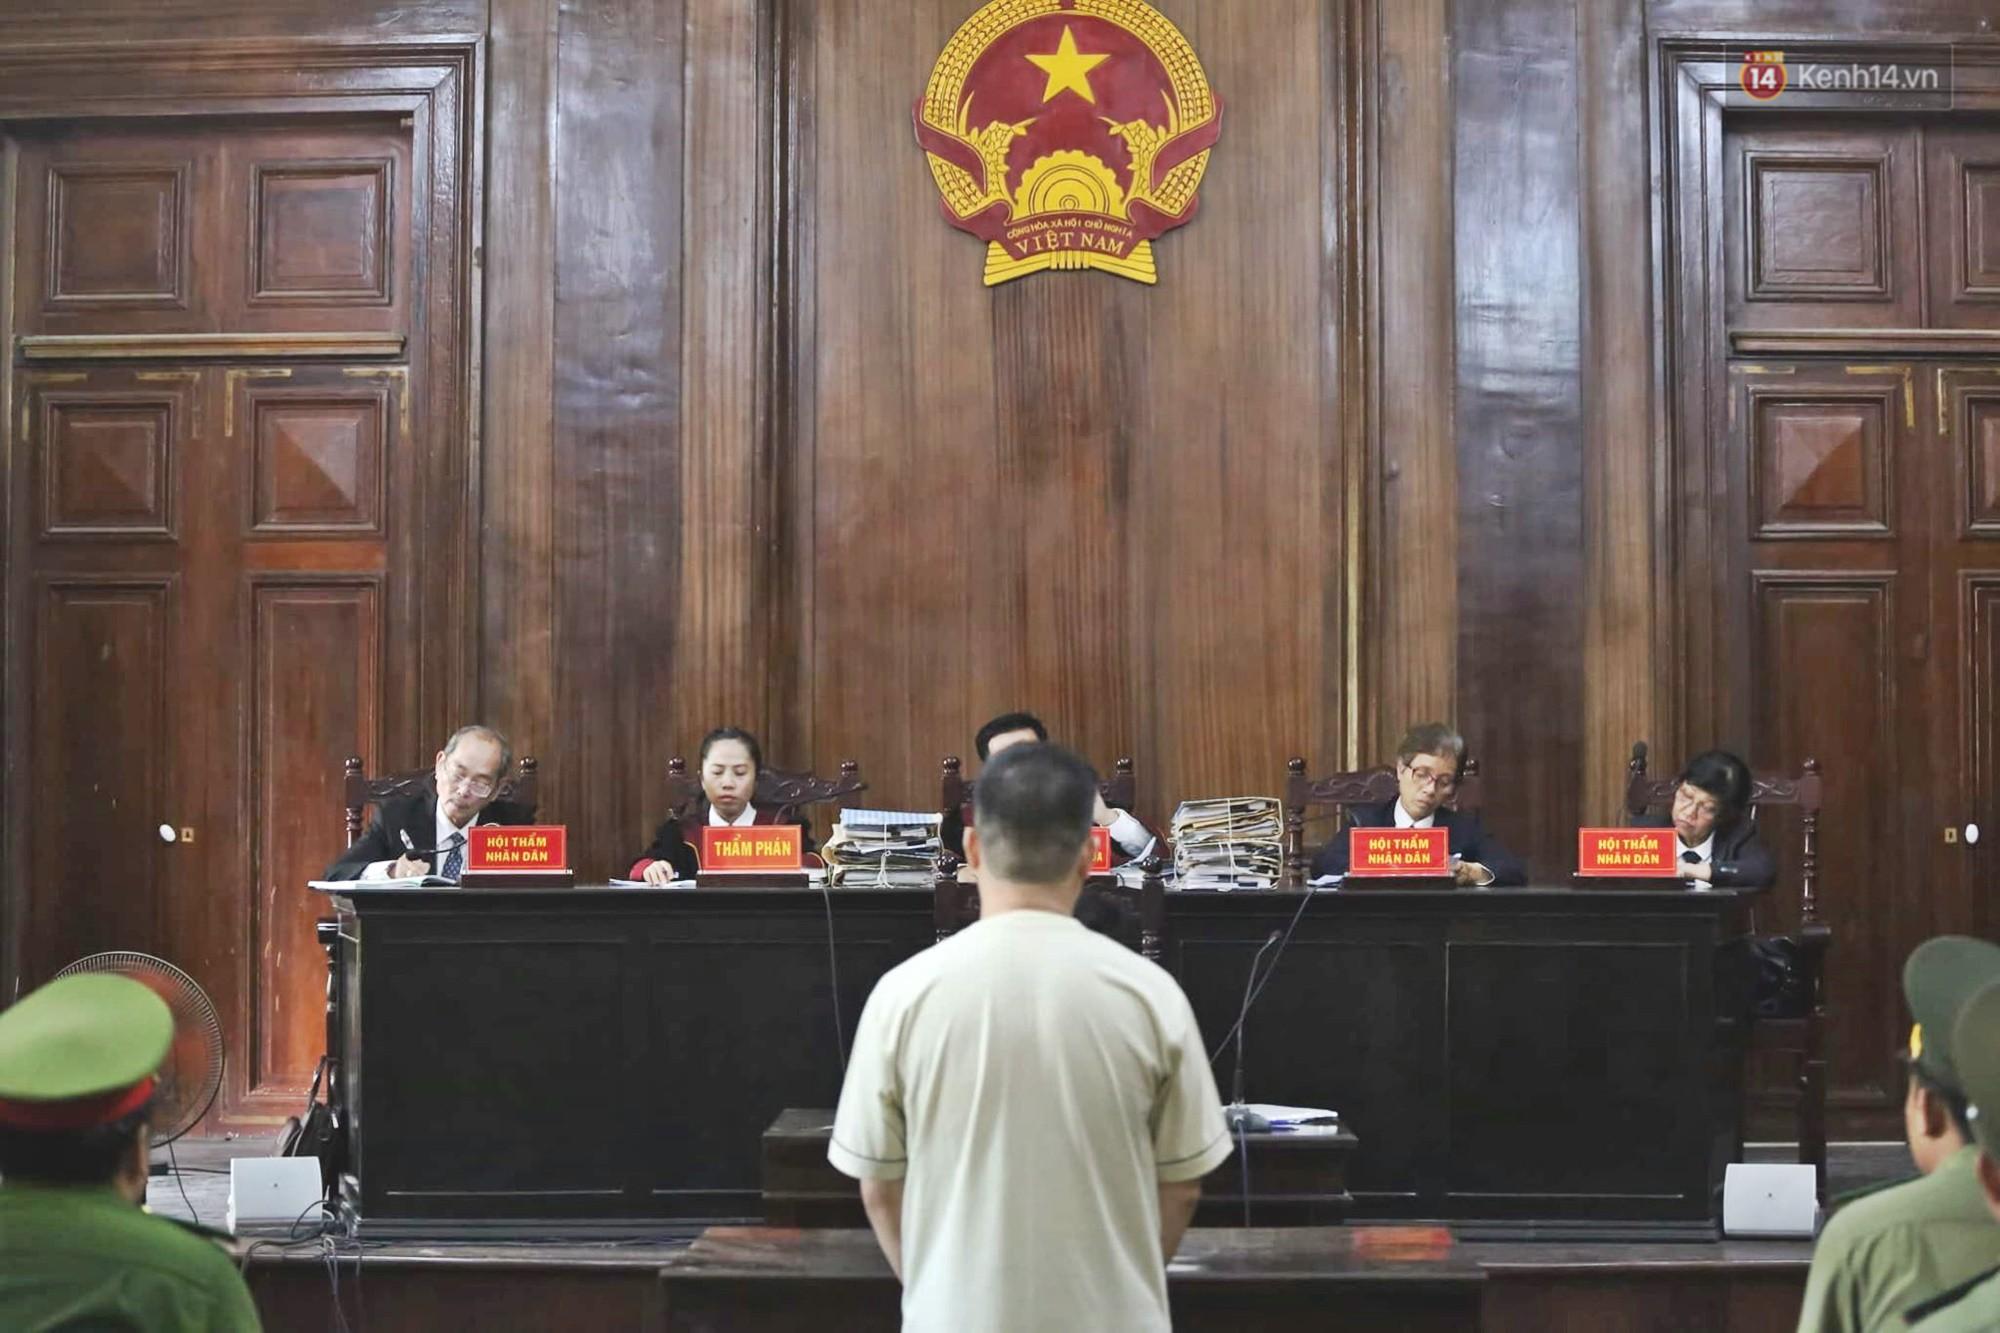 Kết thúc phiên xử đầu tiên: Hot girl Ngọc Miu xúc động vì gặp người thân, Văn Kính Dương vẫn tỏ ra bình thản - Ảnh 6.